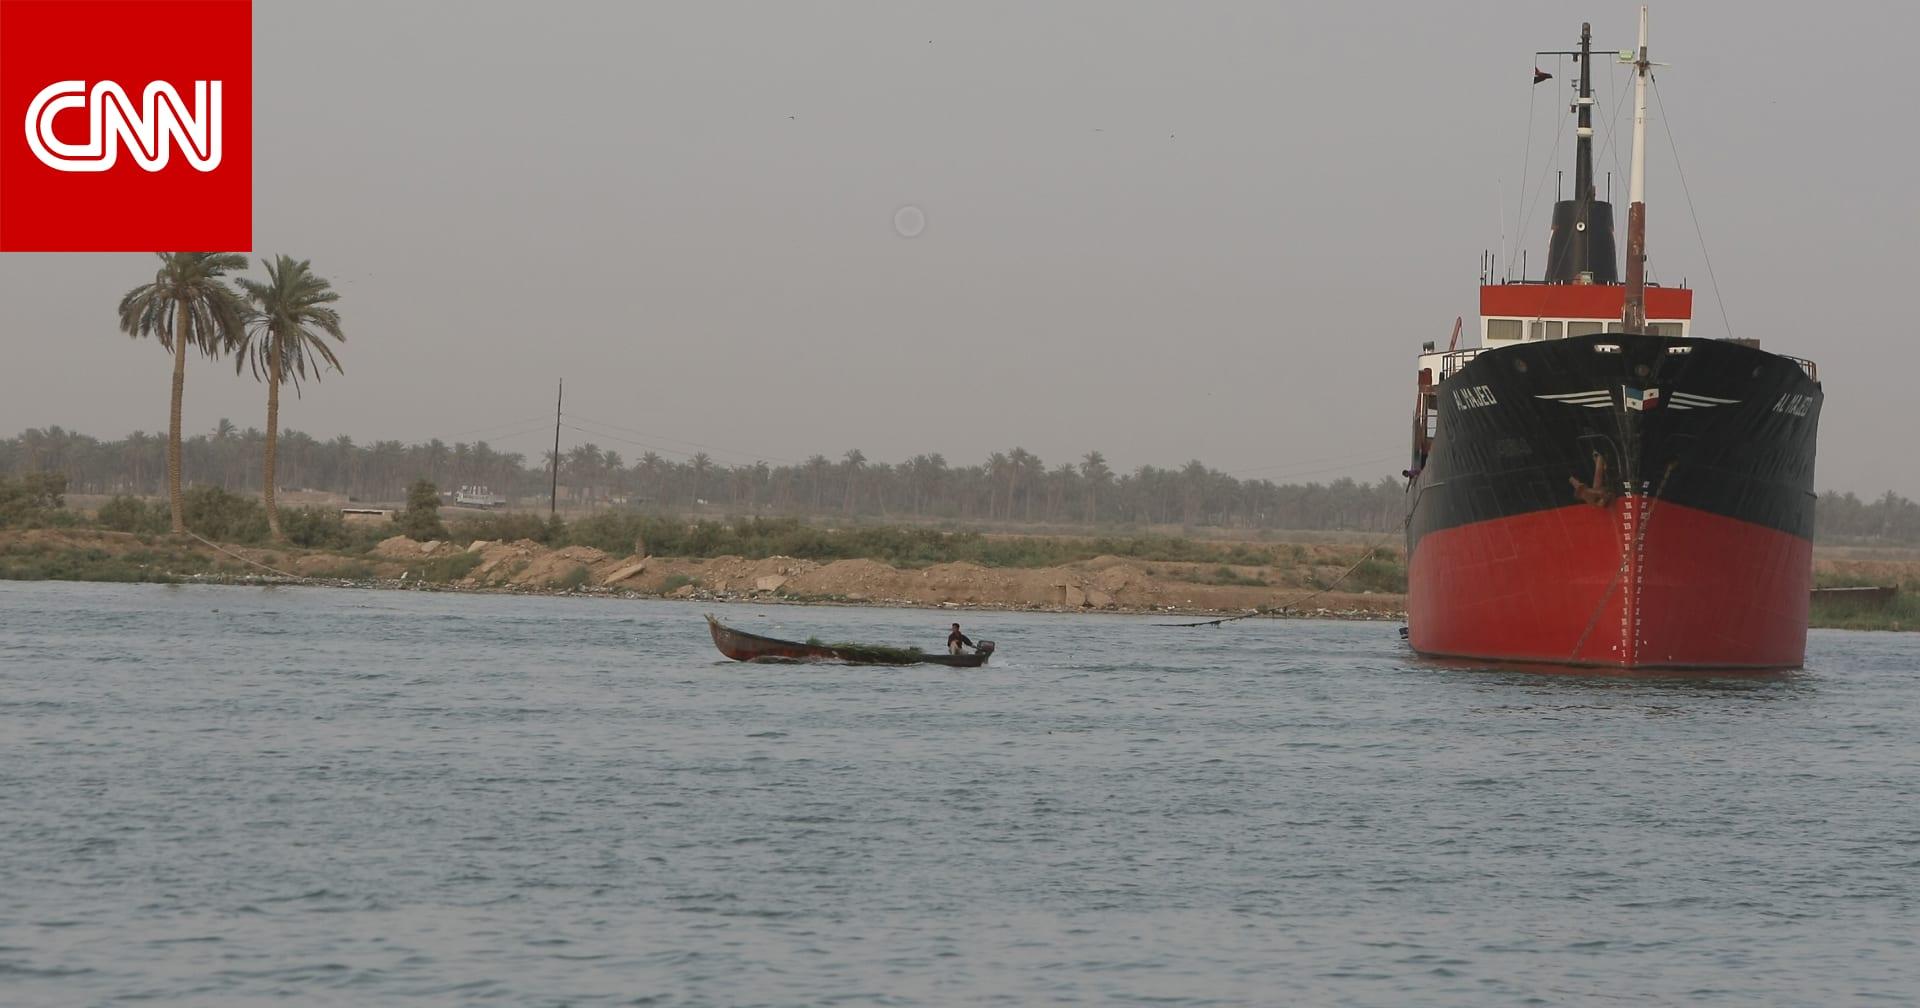 احتراق باخرة عراقية في مياه الخليج.. وتعليق رسمي يوضح ما حدث